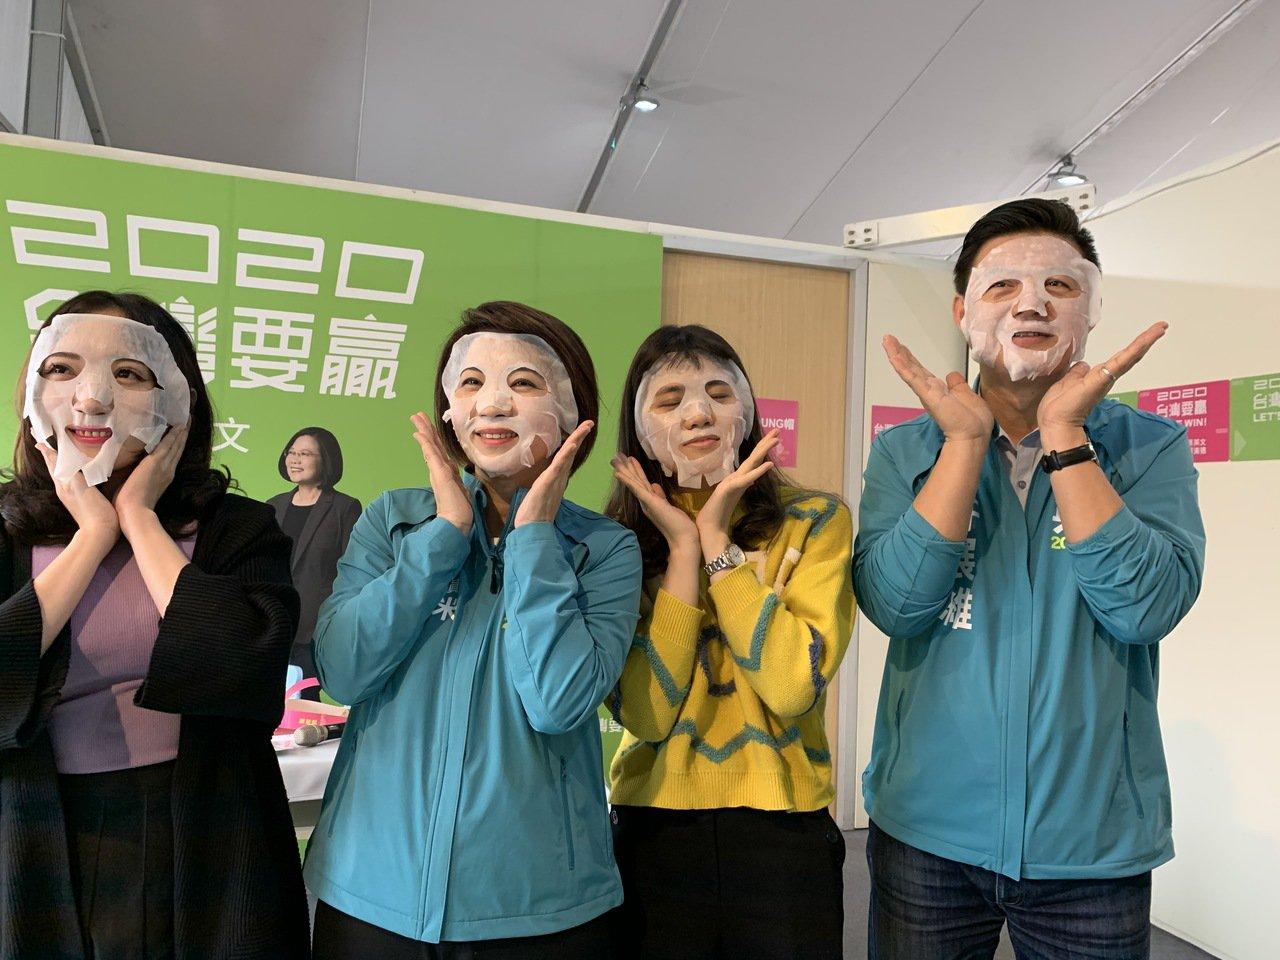 民進黨推出的文宣小物頗實用,其中青春面膜最受歡迎。記者翁禎霞/攝影